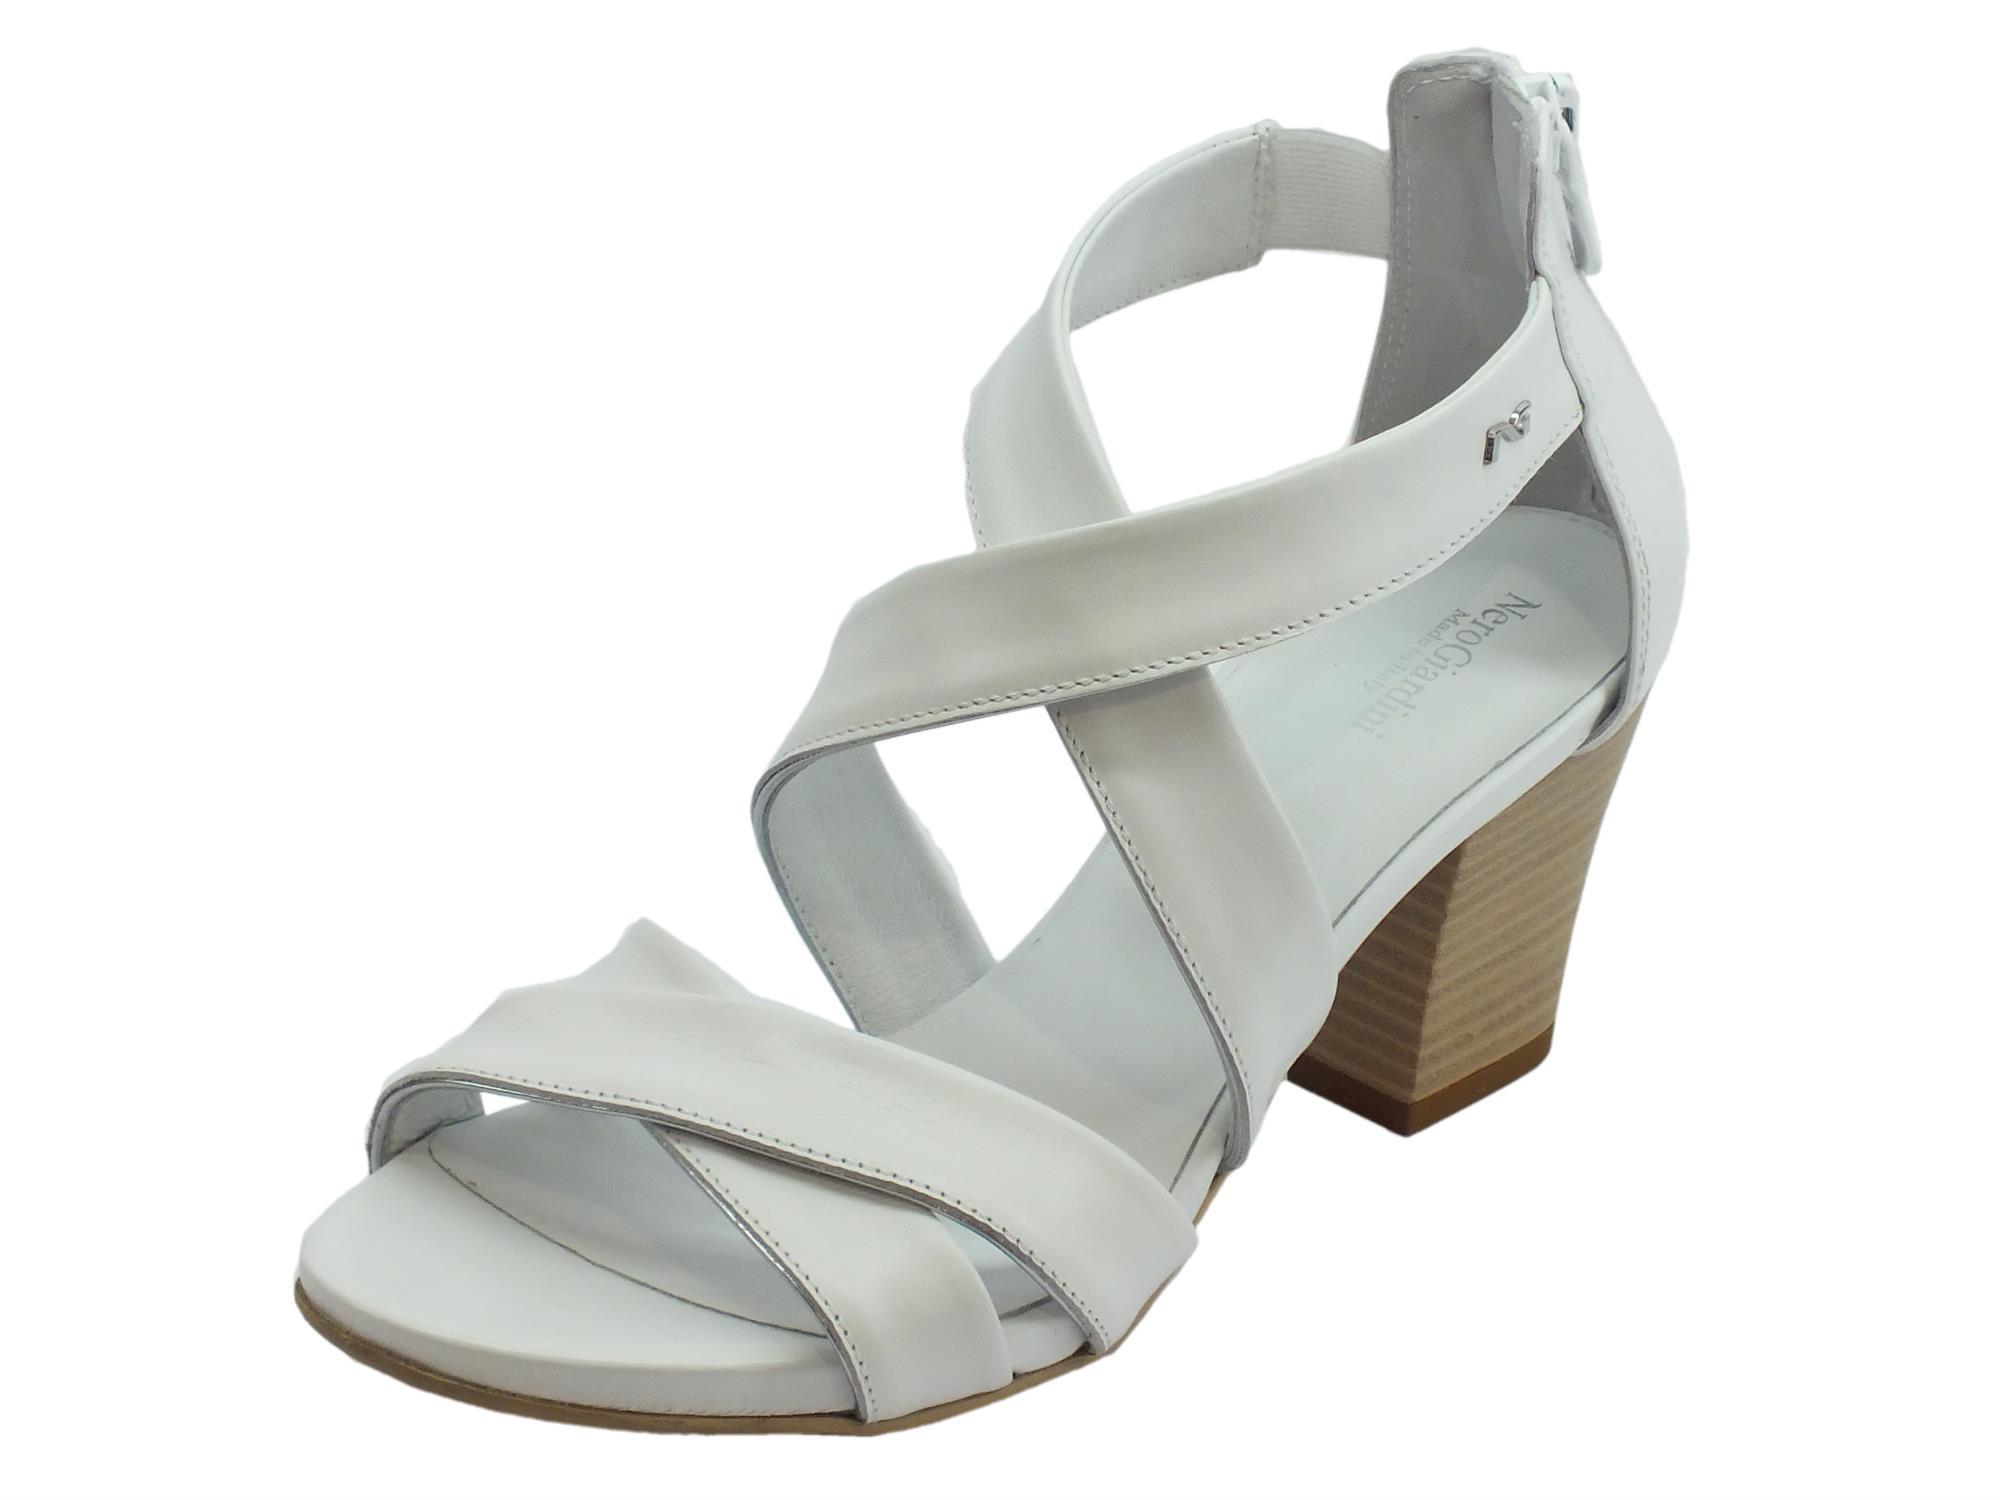 Sandali per donna NeroGiardini in pelle colore bianco lampo posteriore d2bd8d13bb9